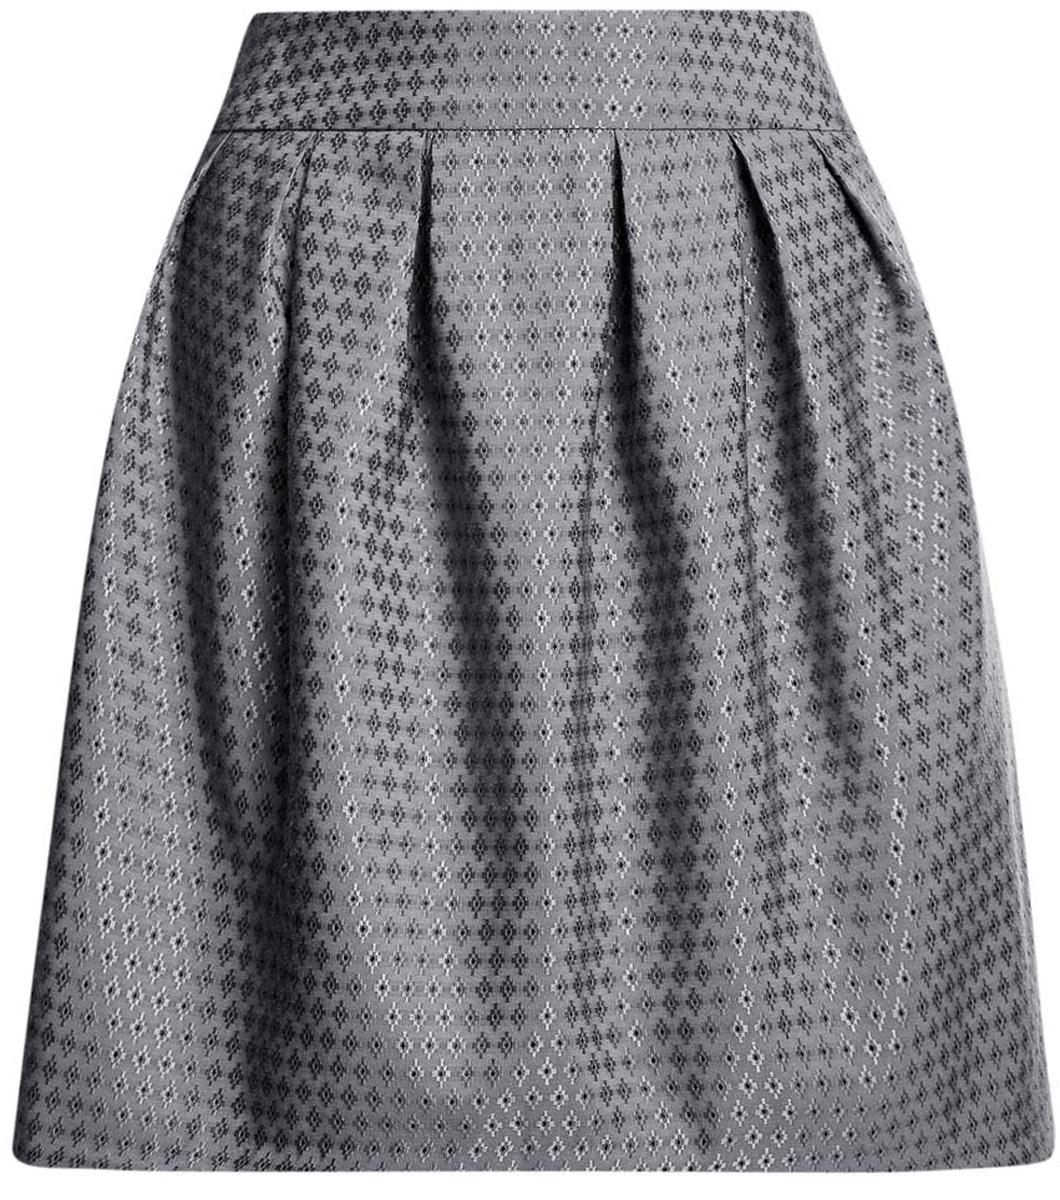 Юбка11600388-2/46140/2529DСтильная юбка oodji Ultra выполнена из полиэстера с добавлением вискозы. Модель-миди декорирована складками, дополнена потайной застежкой-молнией сзади и прорезными карманами по боковым сторонам. Оформлена юбка контрастным вышитым принтом.